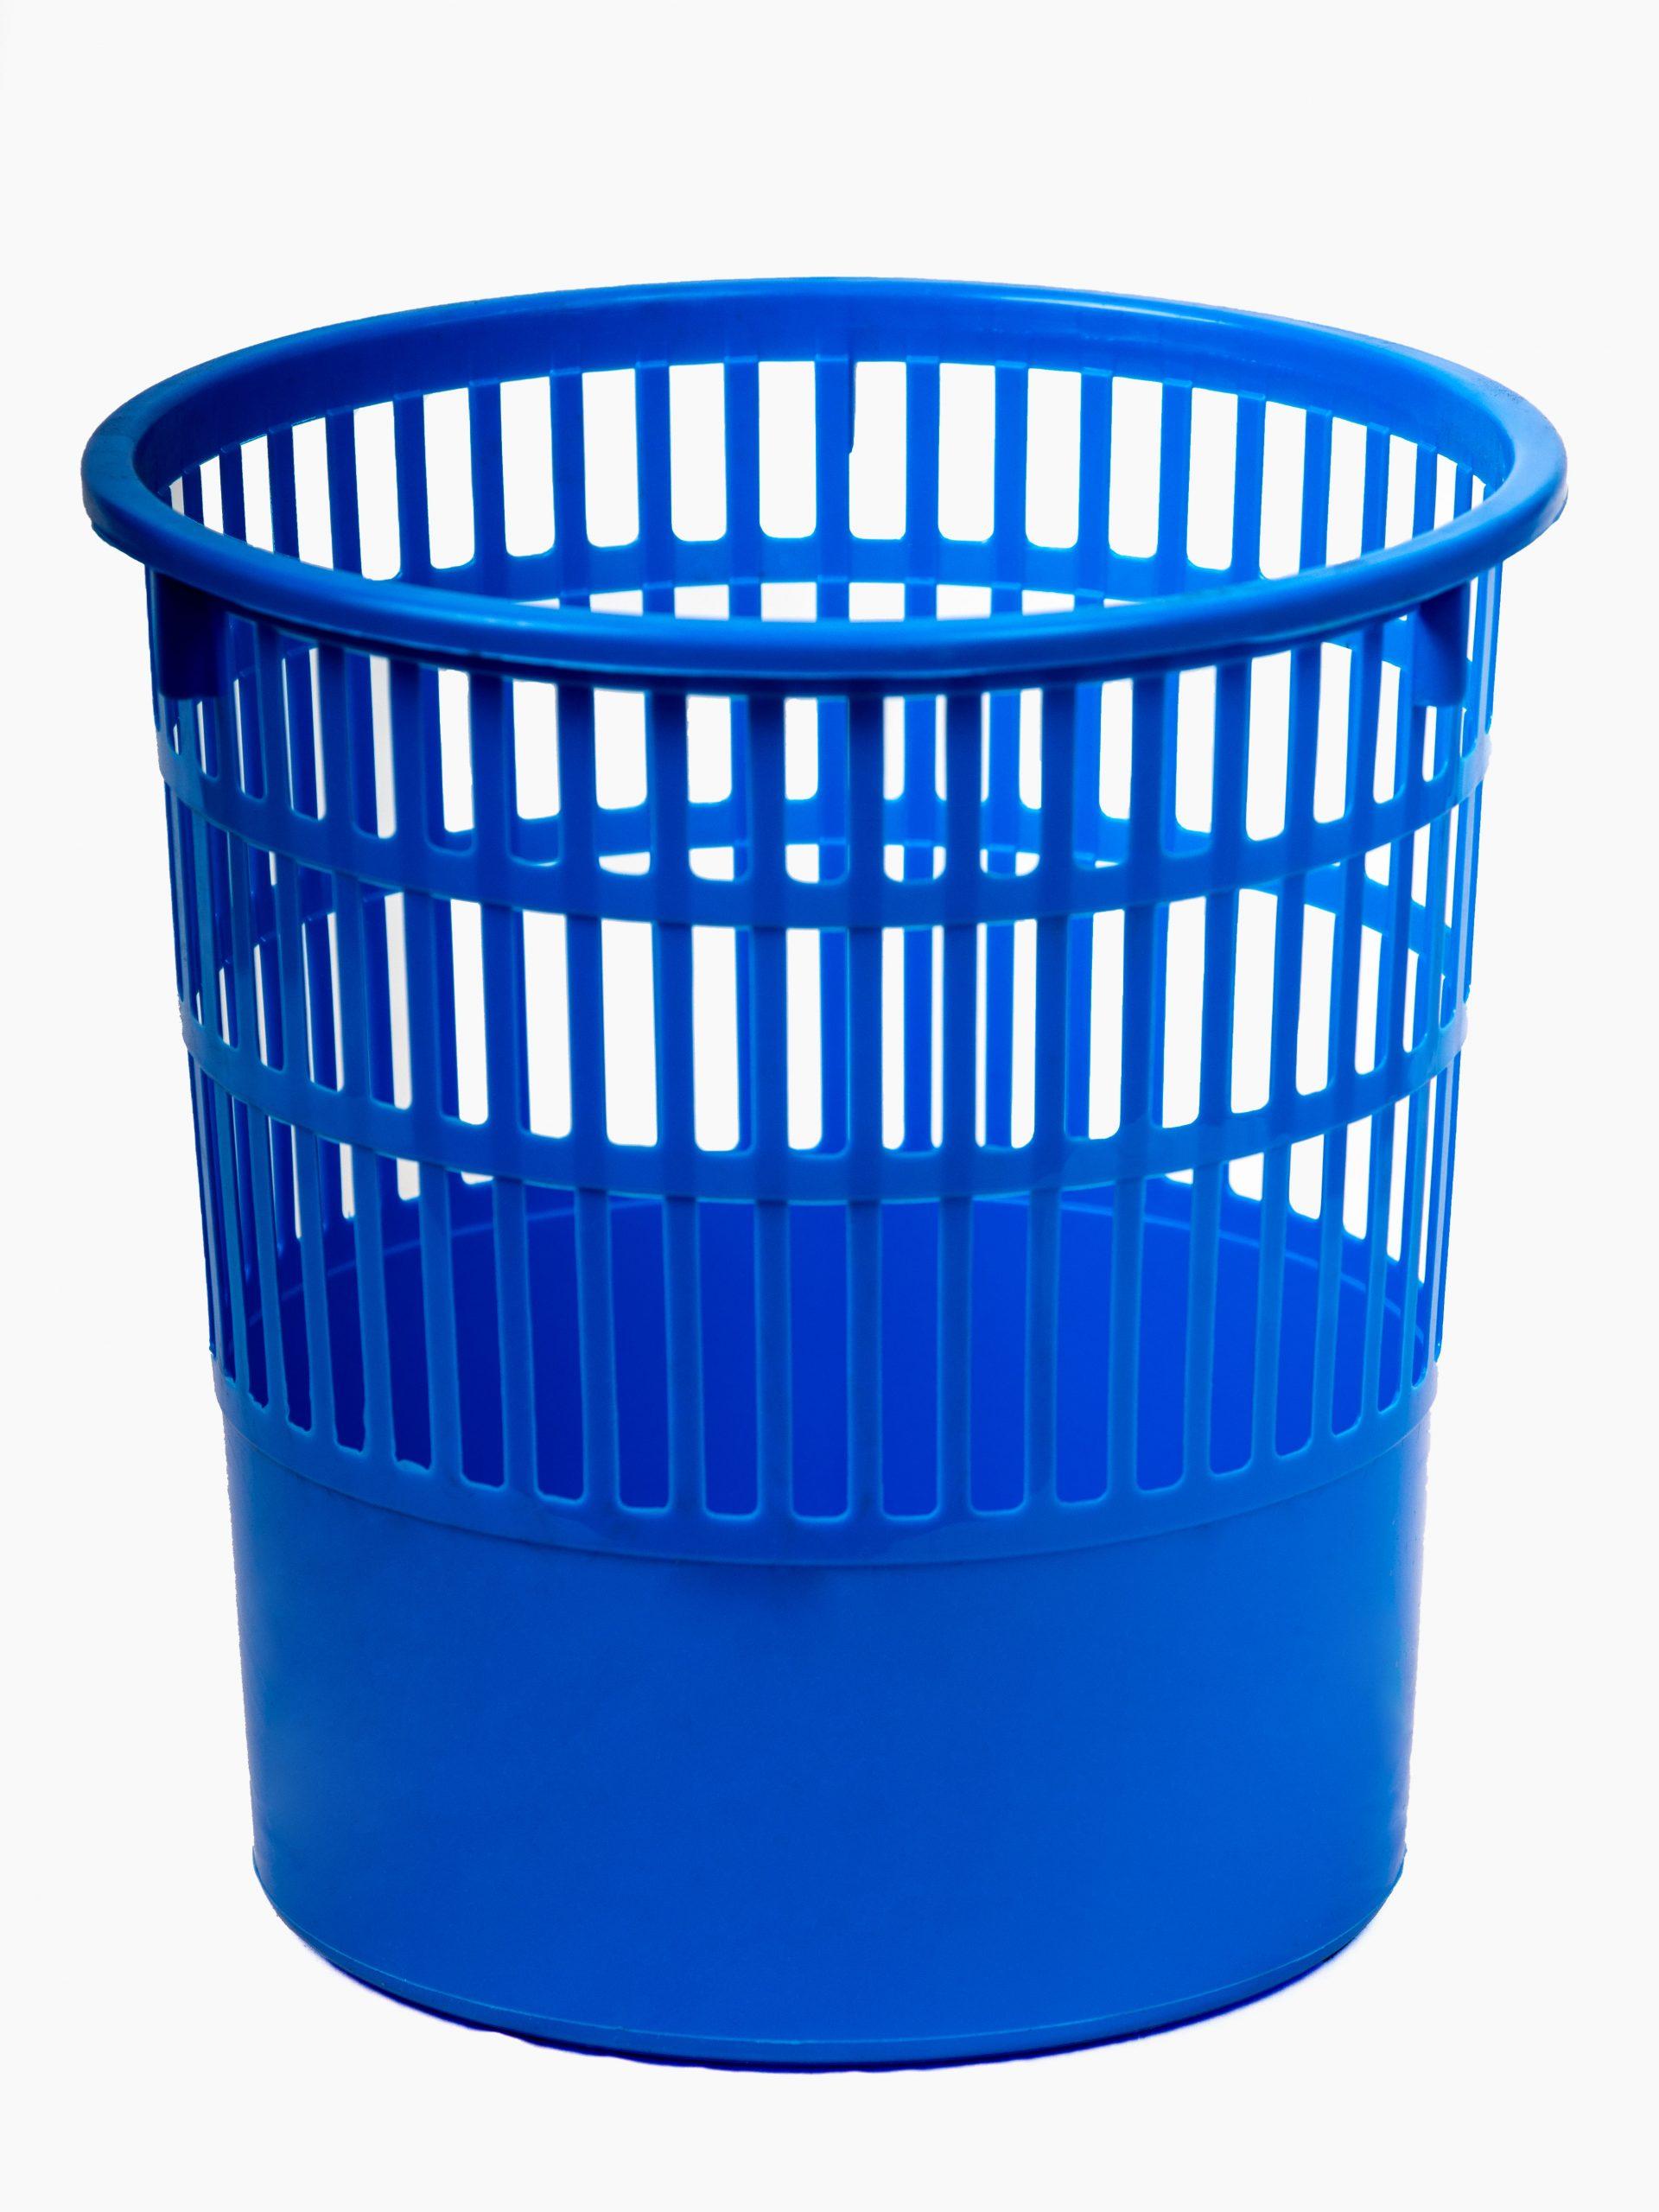 Mesh bin blue